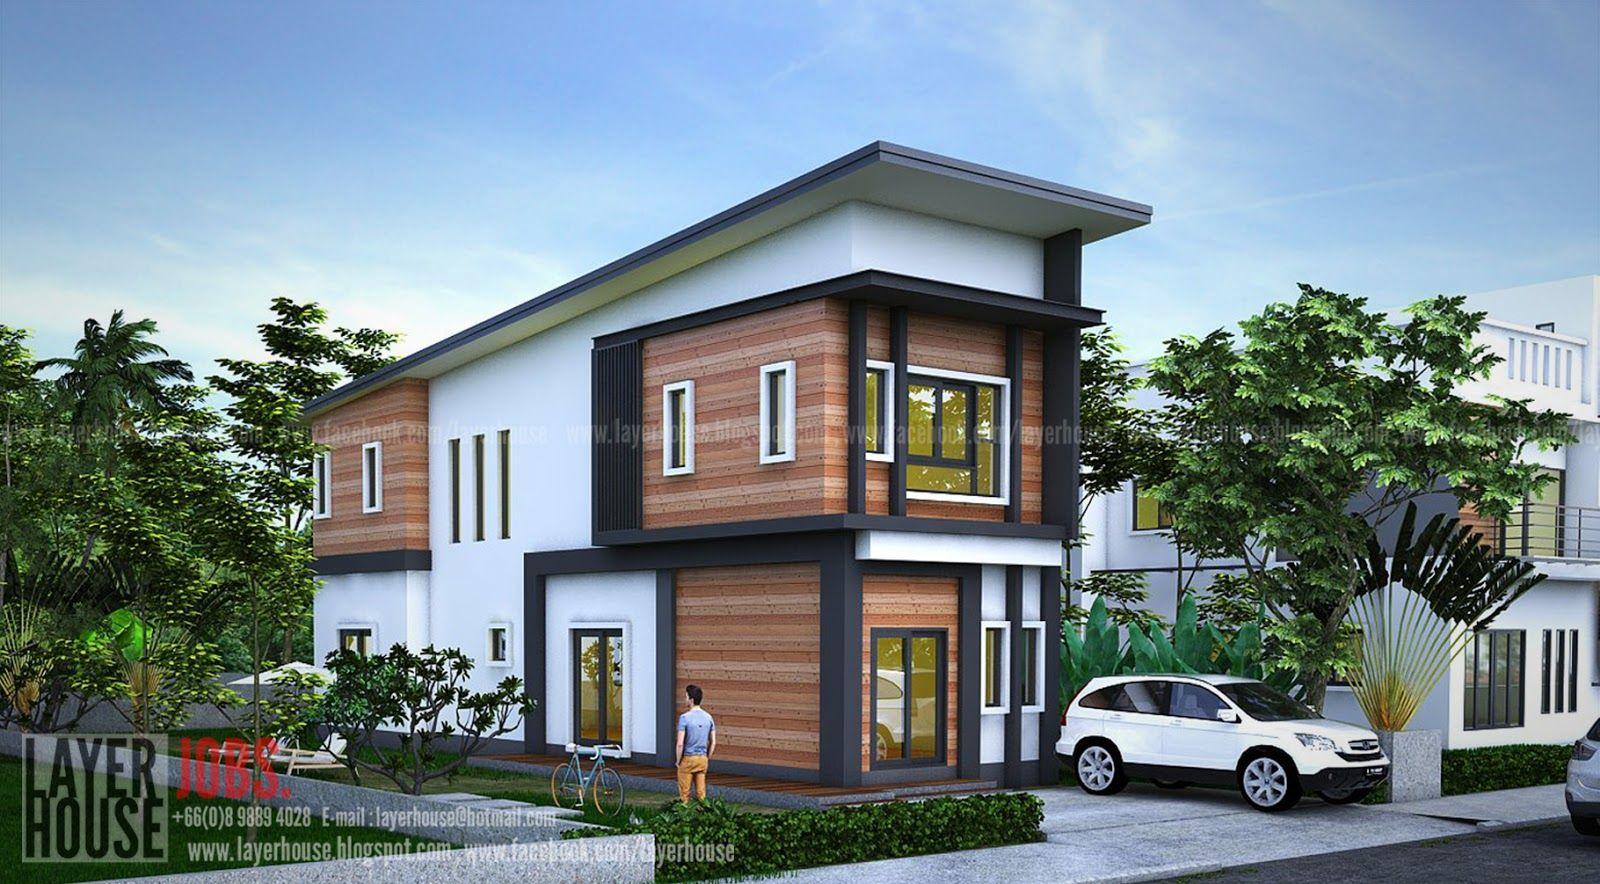 แบบบ าน 2 ช นสไตล โมเด ร น งบ 4 ห องนอน 2 ห องน ำ ประมาณ 1 65 ล านบาท Bungalow House Design Modern Bungalow House One Storey House